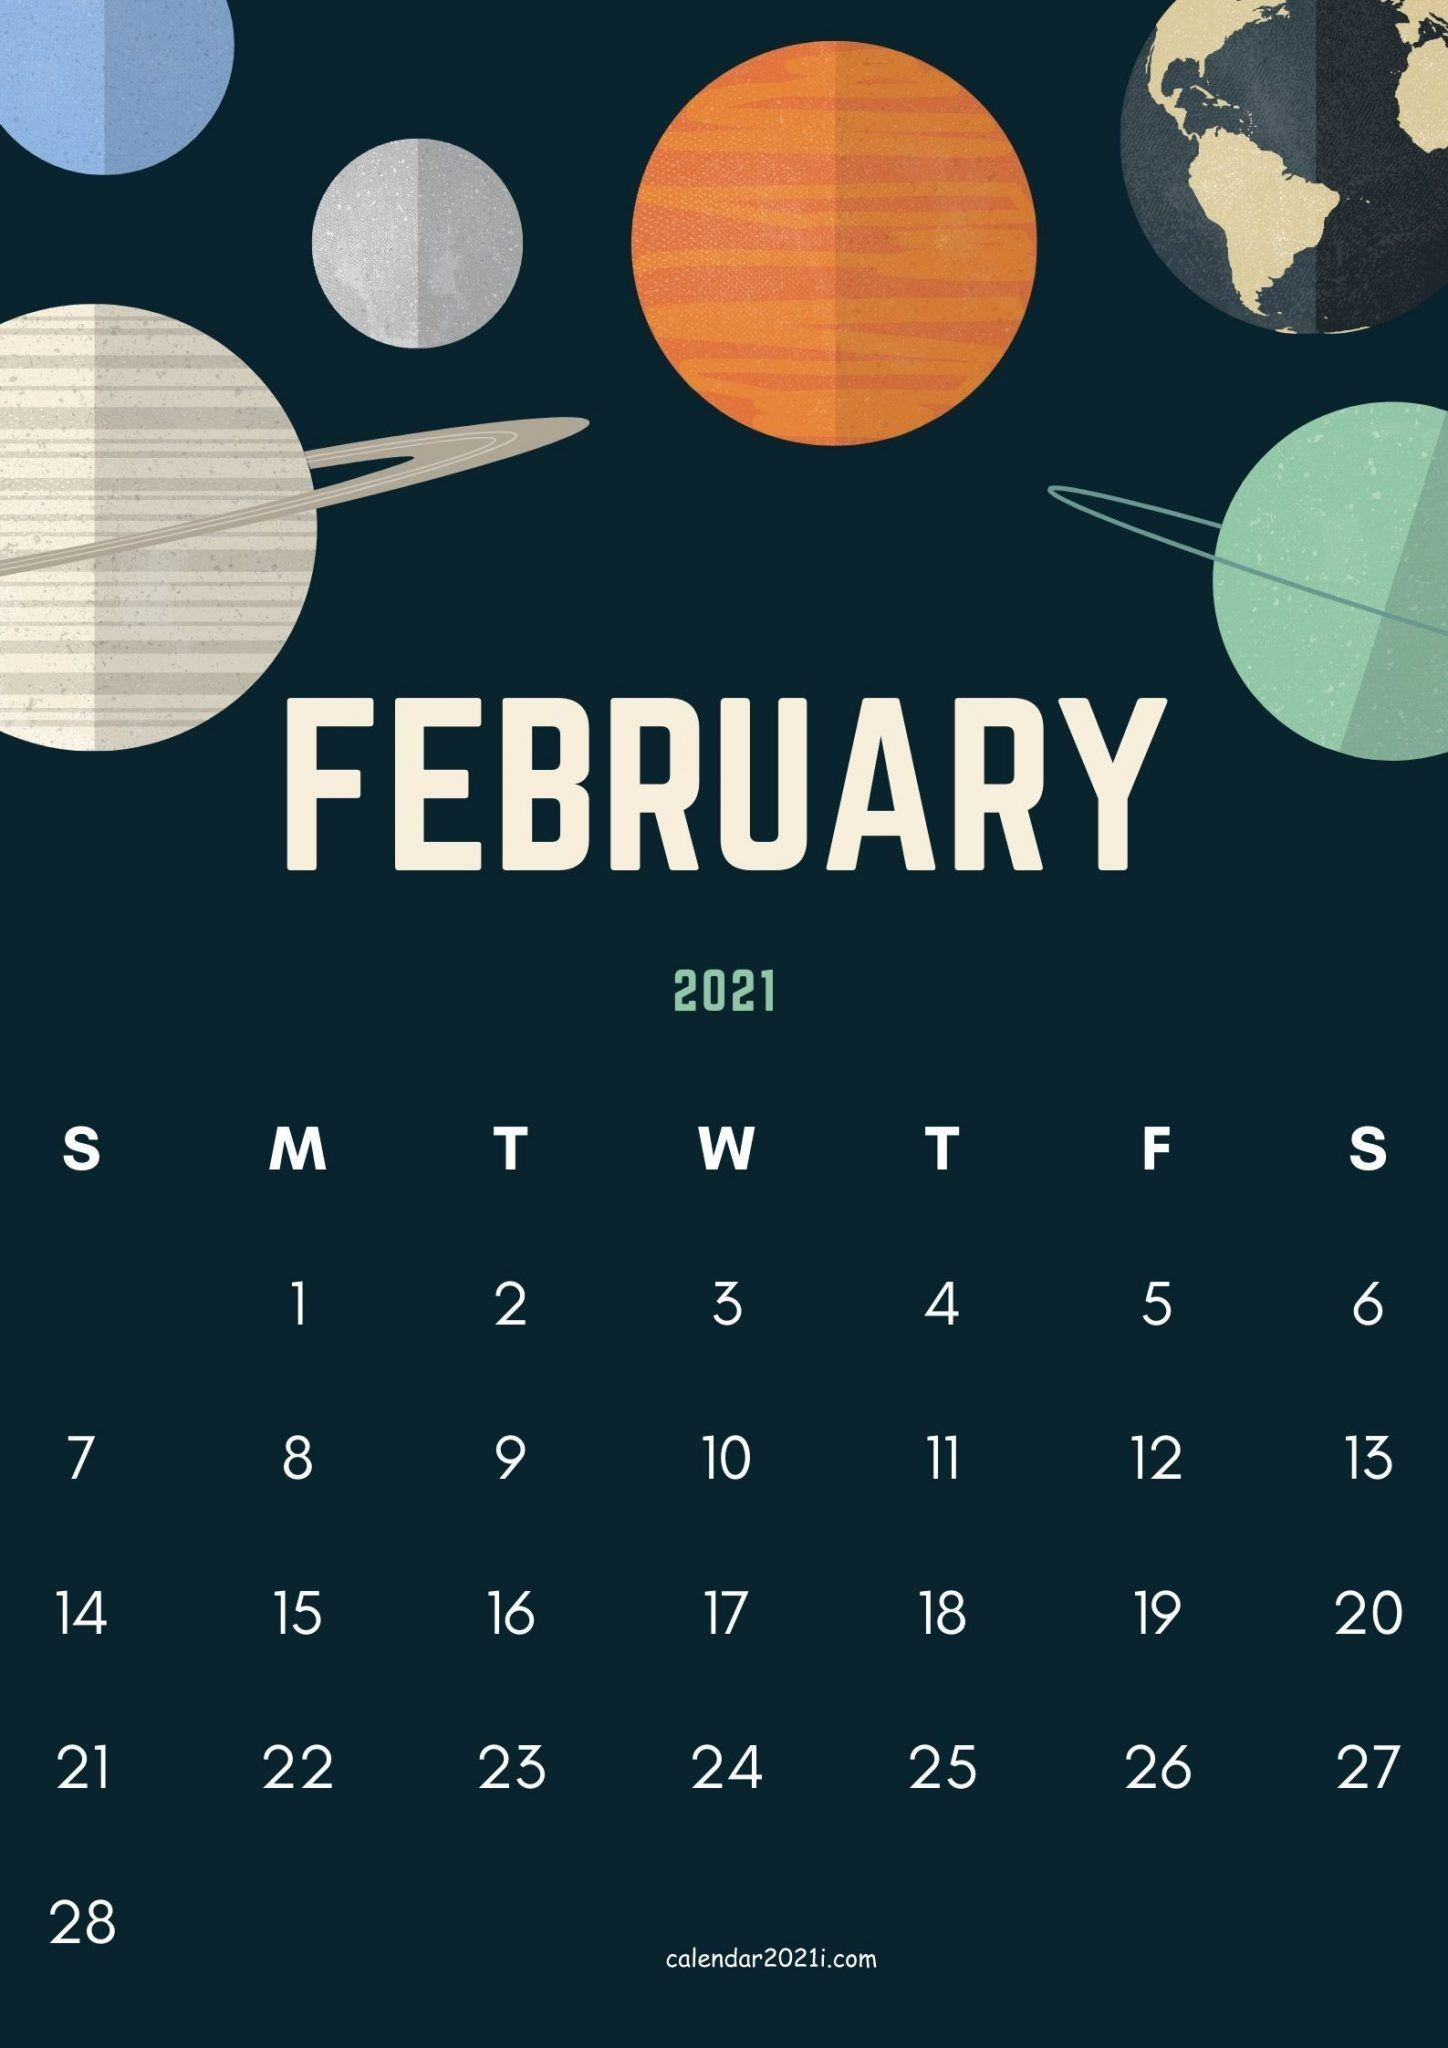 February 2021 Cute Calendar Design